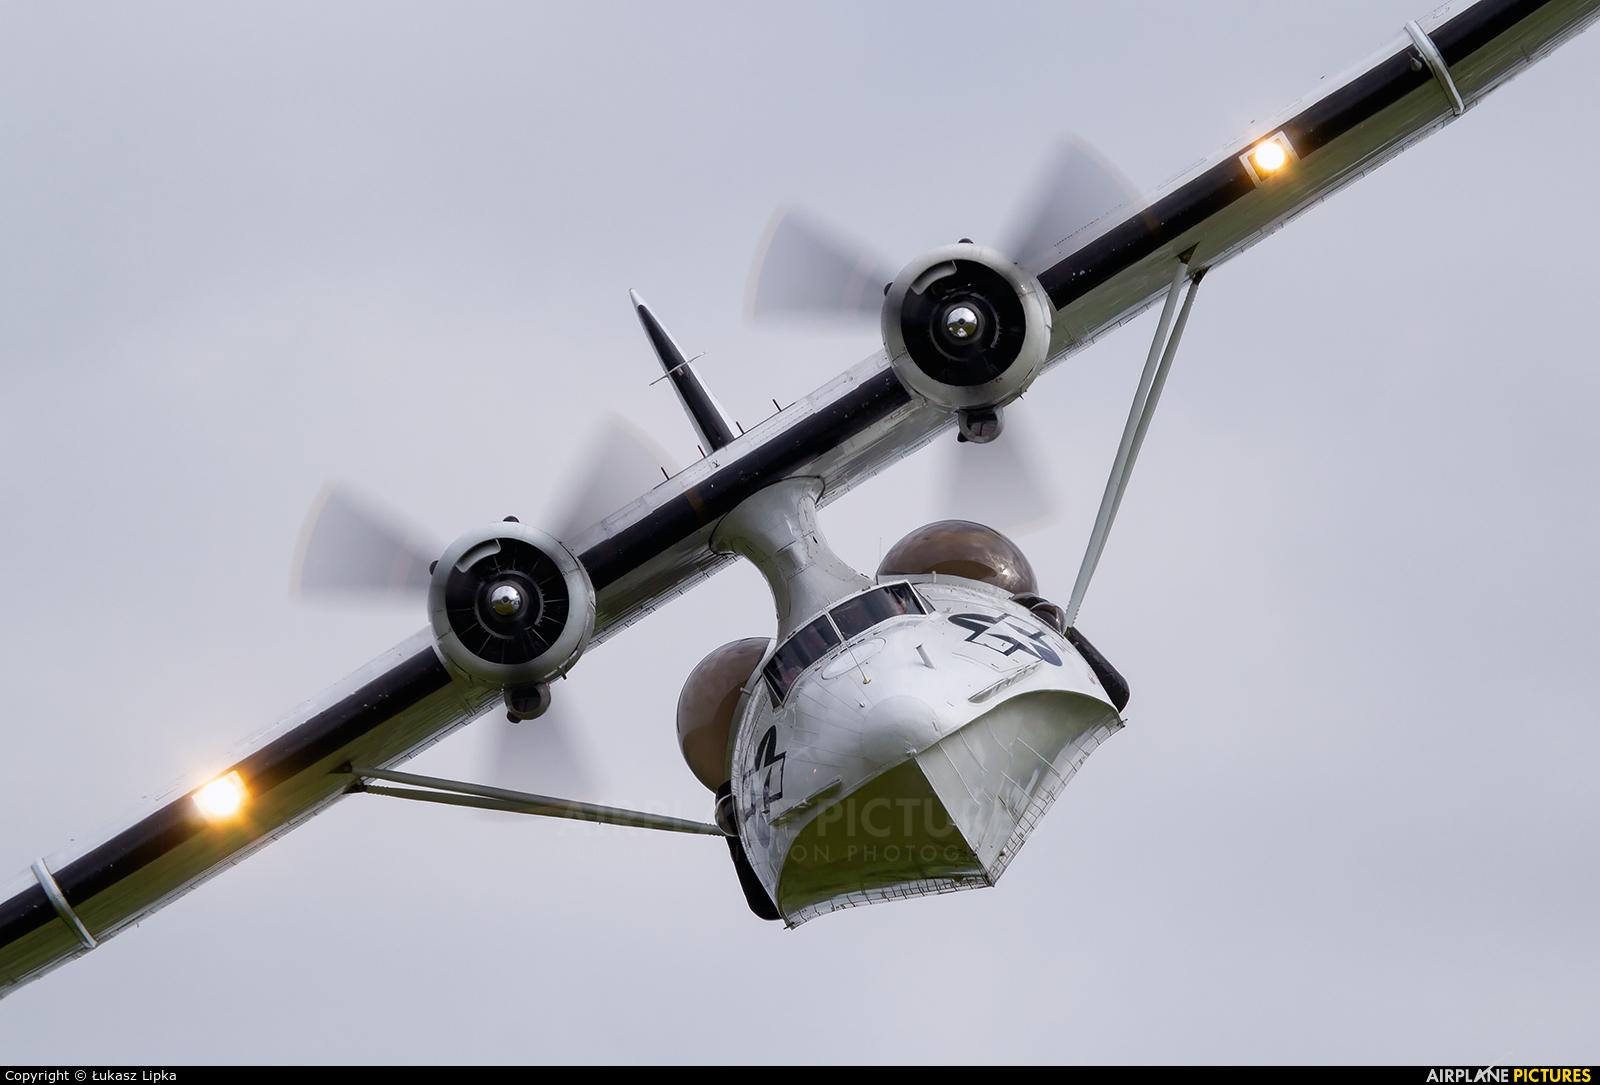 Catalina Aircraft G-PBYA aircraft at Old Warden